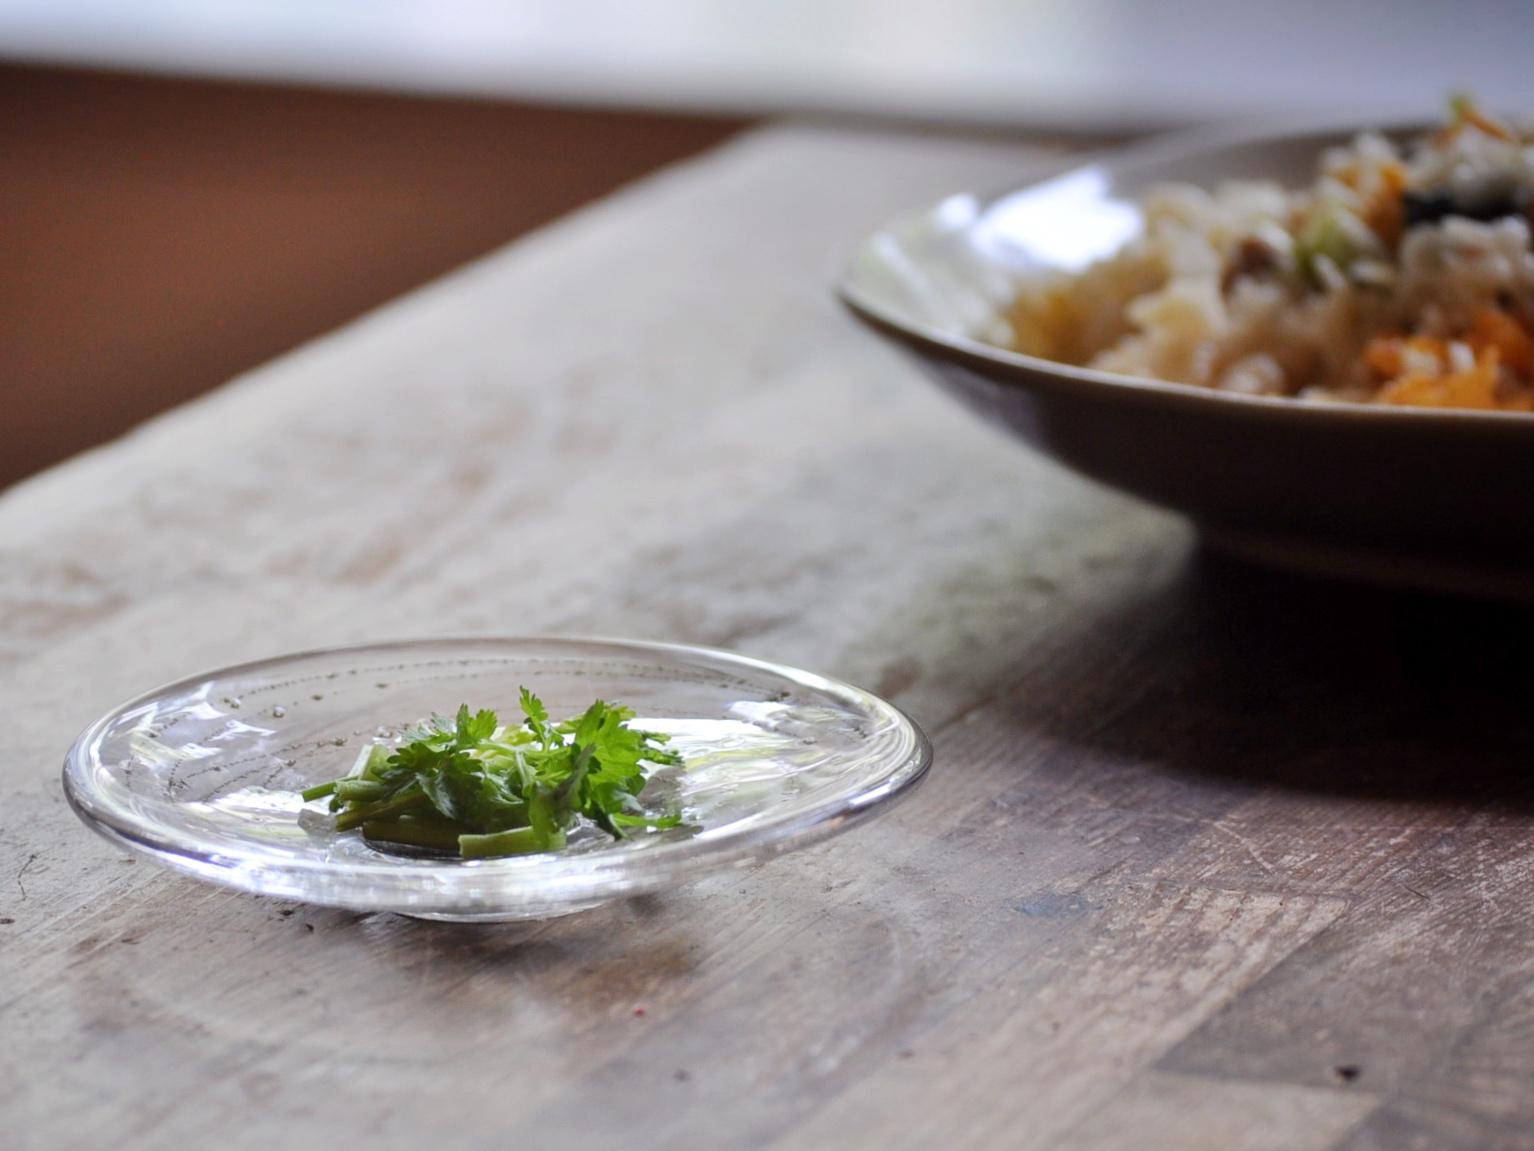 お料理を盛って|曽田伸子さんのガラス皿